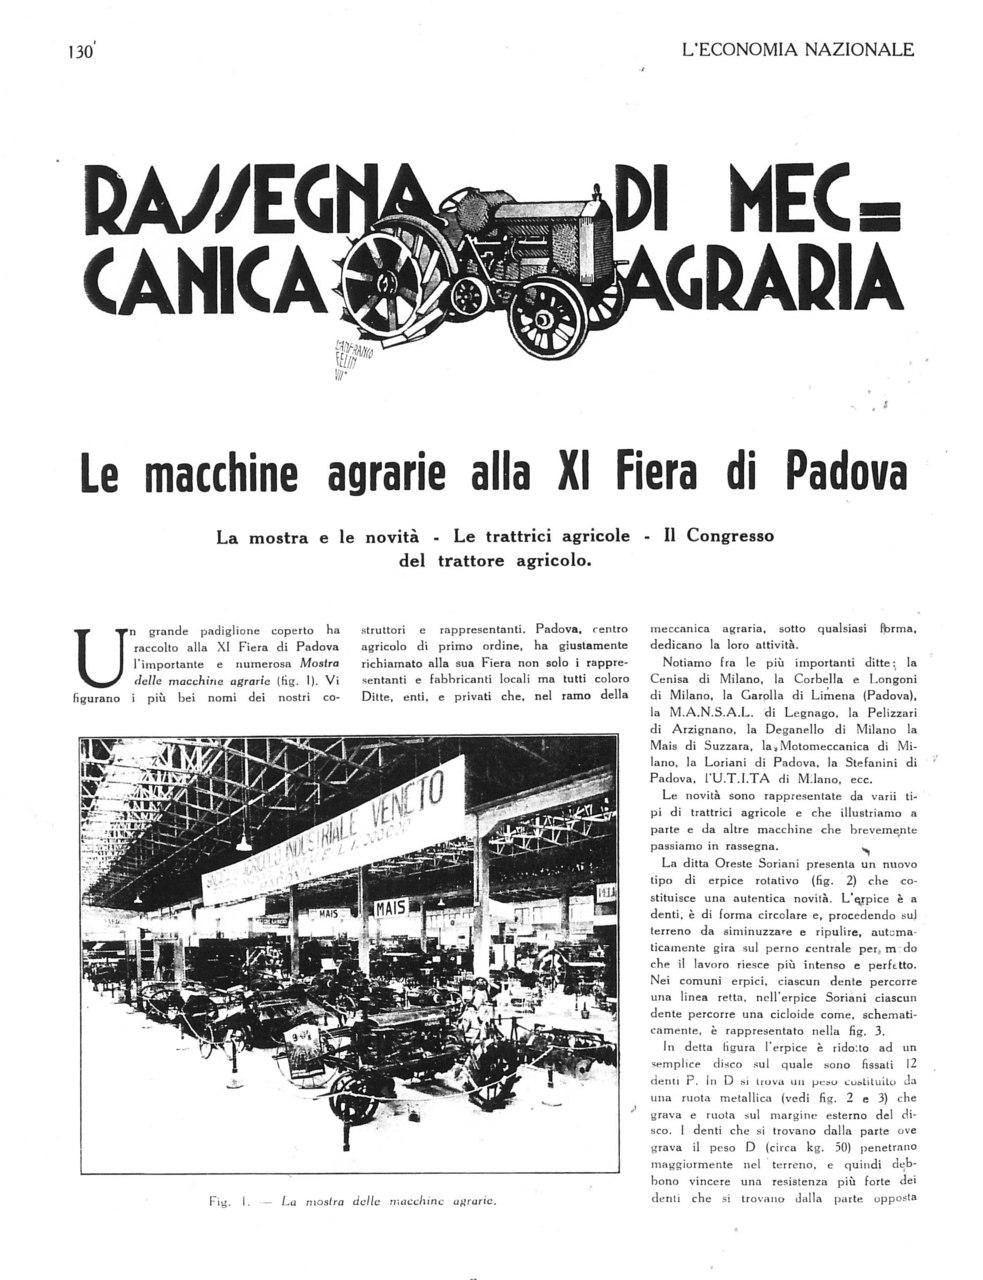 Le macchine agrarie alla XI Fiera di Padova